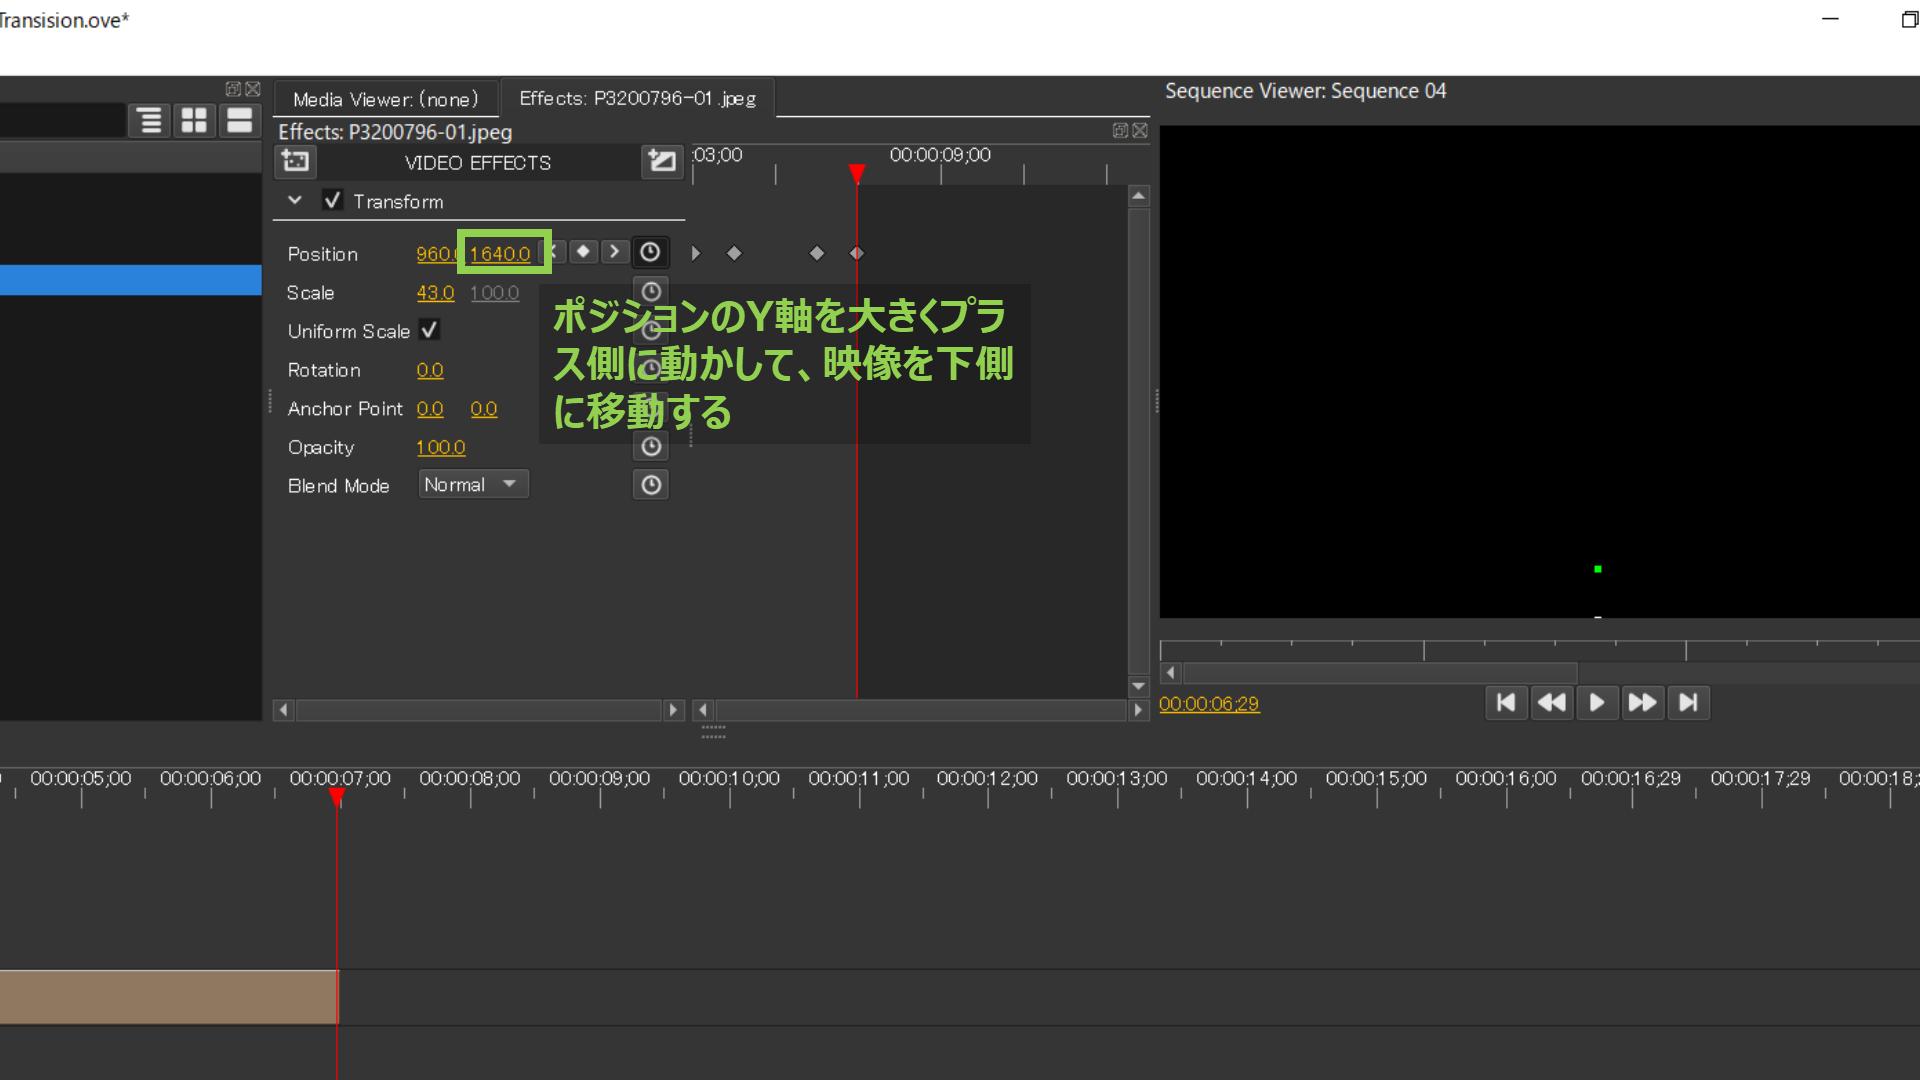 最終フレームにもキーフレームを挿入して、今度は下側の画面外に出るほどにY軸の値を増やす